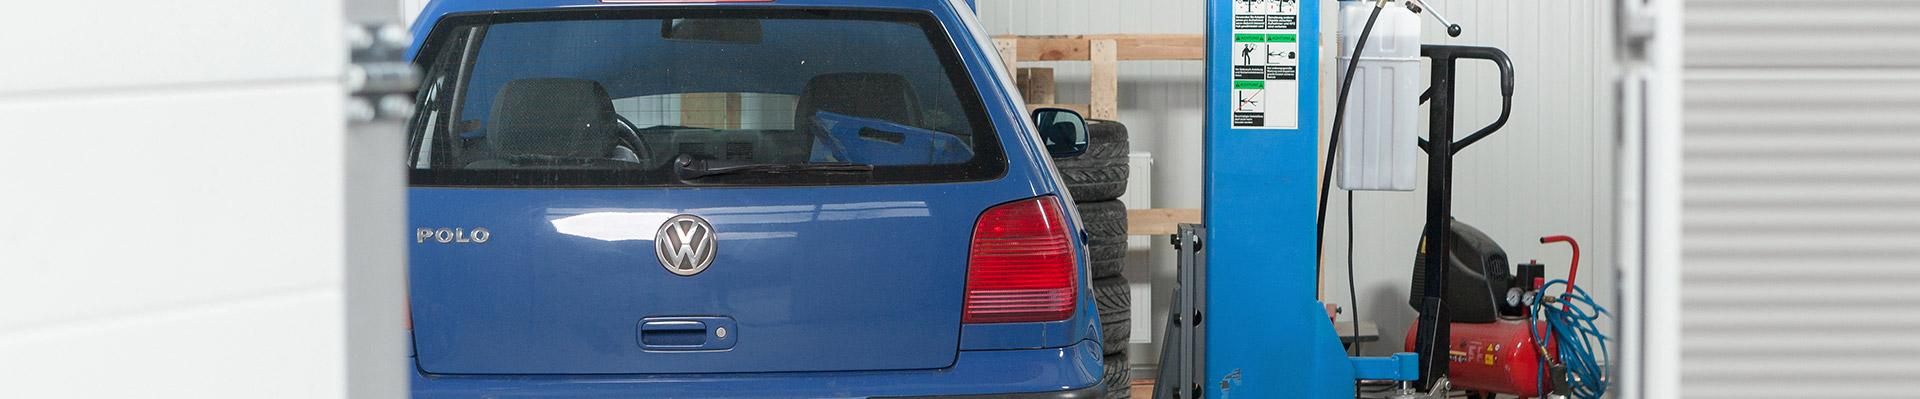 Ein VW Polo in der Werkstatt